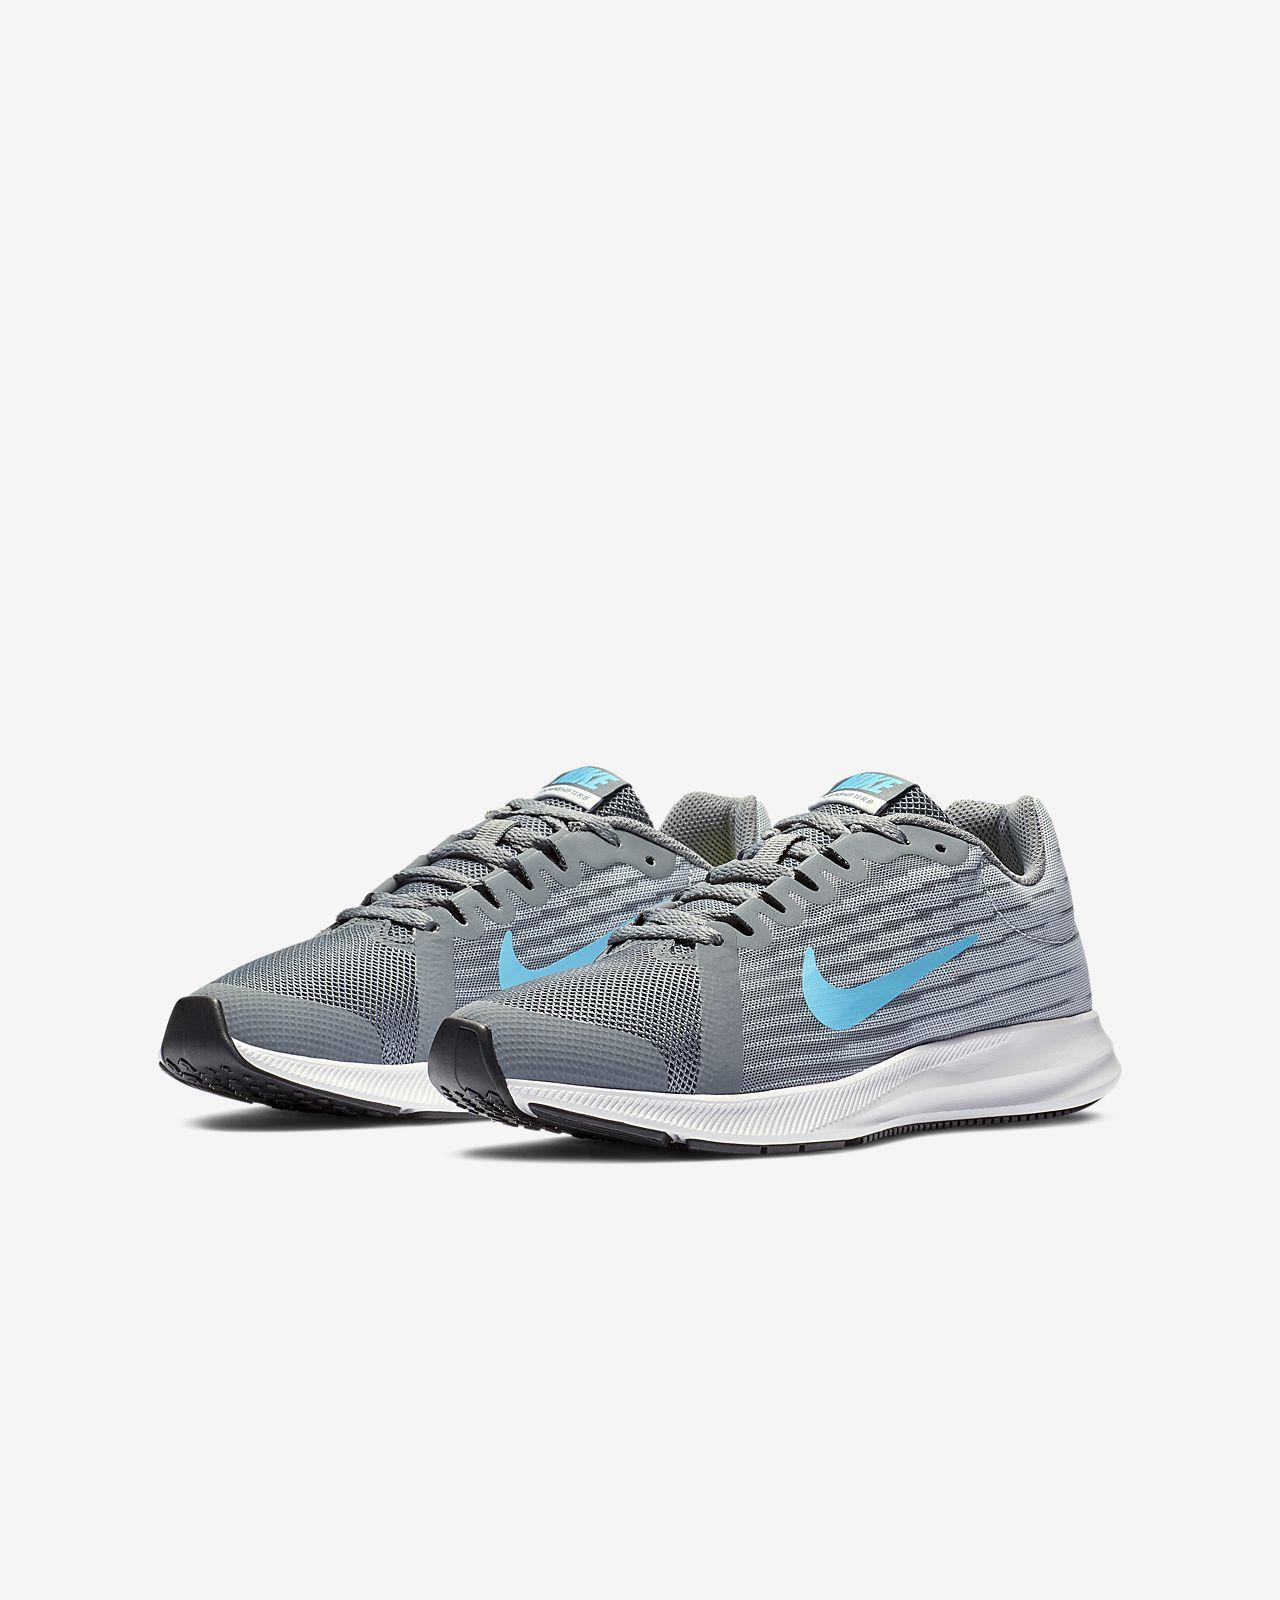 Garçon Chaussure De Downshifter Plus Âgé 8 Running Pour Lsvpzmgqu Nike eDIE9WH2Y